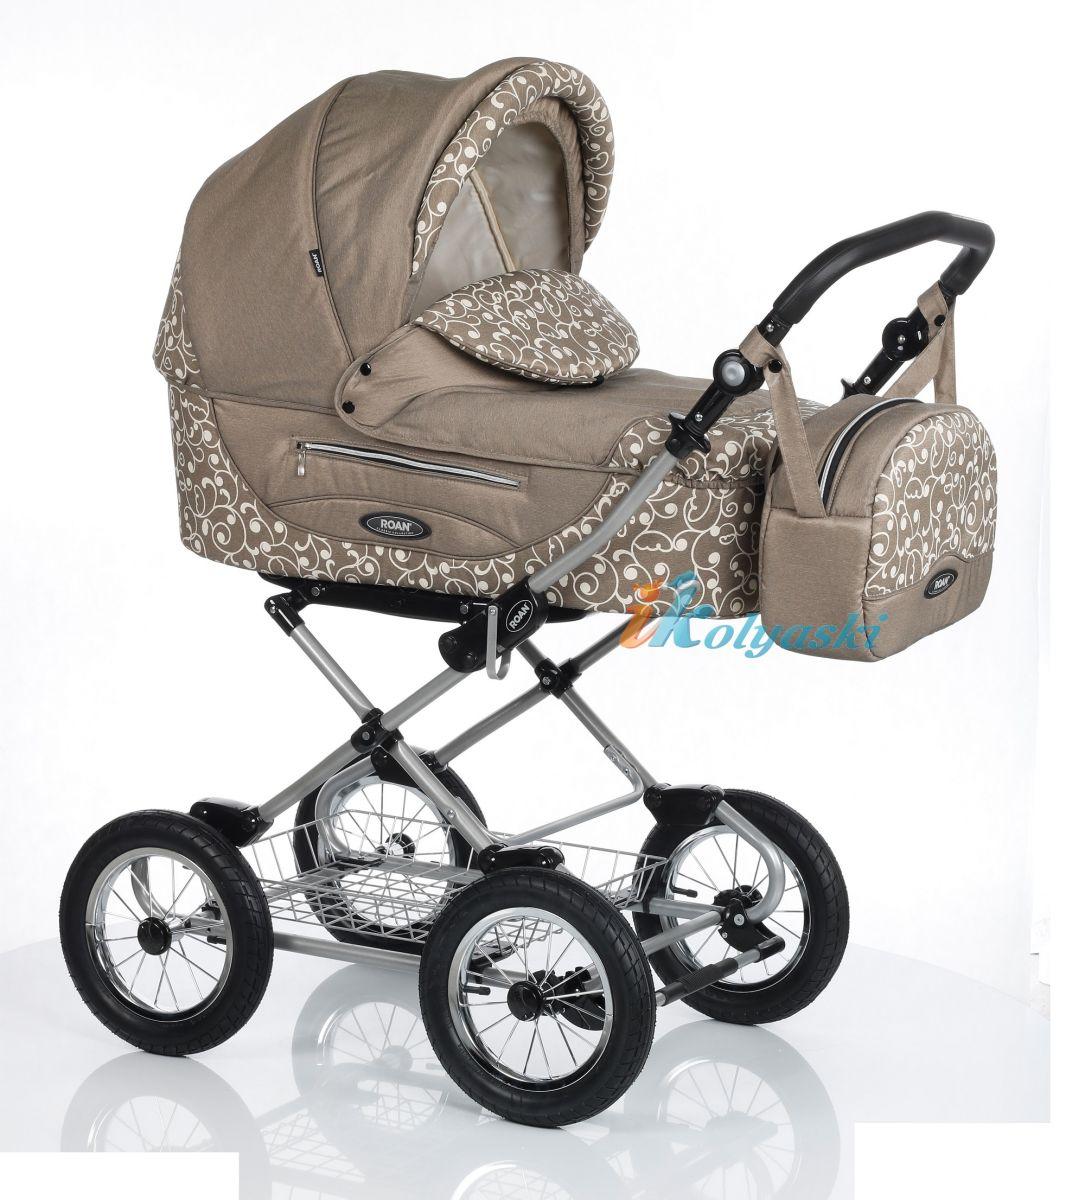 Детская коляска Roan Kortina Luxe Роан Кортина люкс 2018 спальная люлька 3 в 1 , коляска для новорожденных, коляска зима-лето.  roan kortina, roan cortina, Детская коляска Roan Kortina Luxe, коляска Роан Кортина люкс 2018, коляска спальная, коляска  люлька, коляска 3 в 1, коляска для новорожденных, роан кортина, коляска роан кортина, коляска roan cortina, цвет S-126